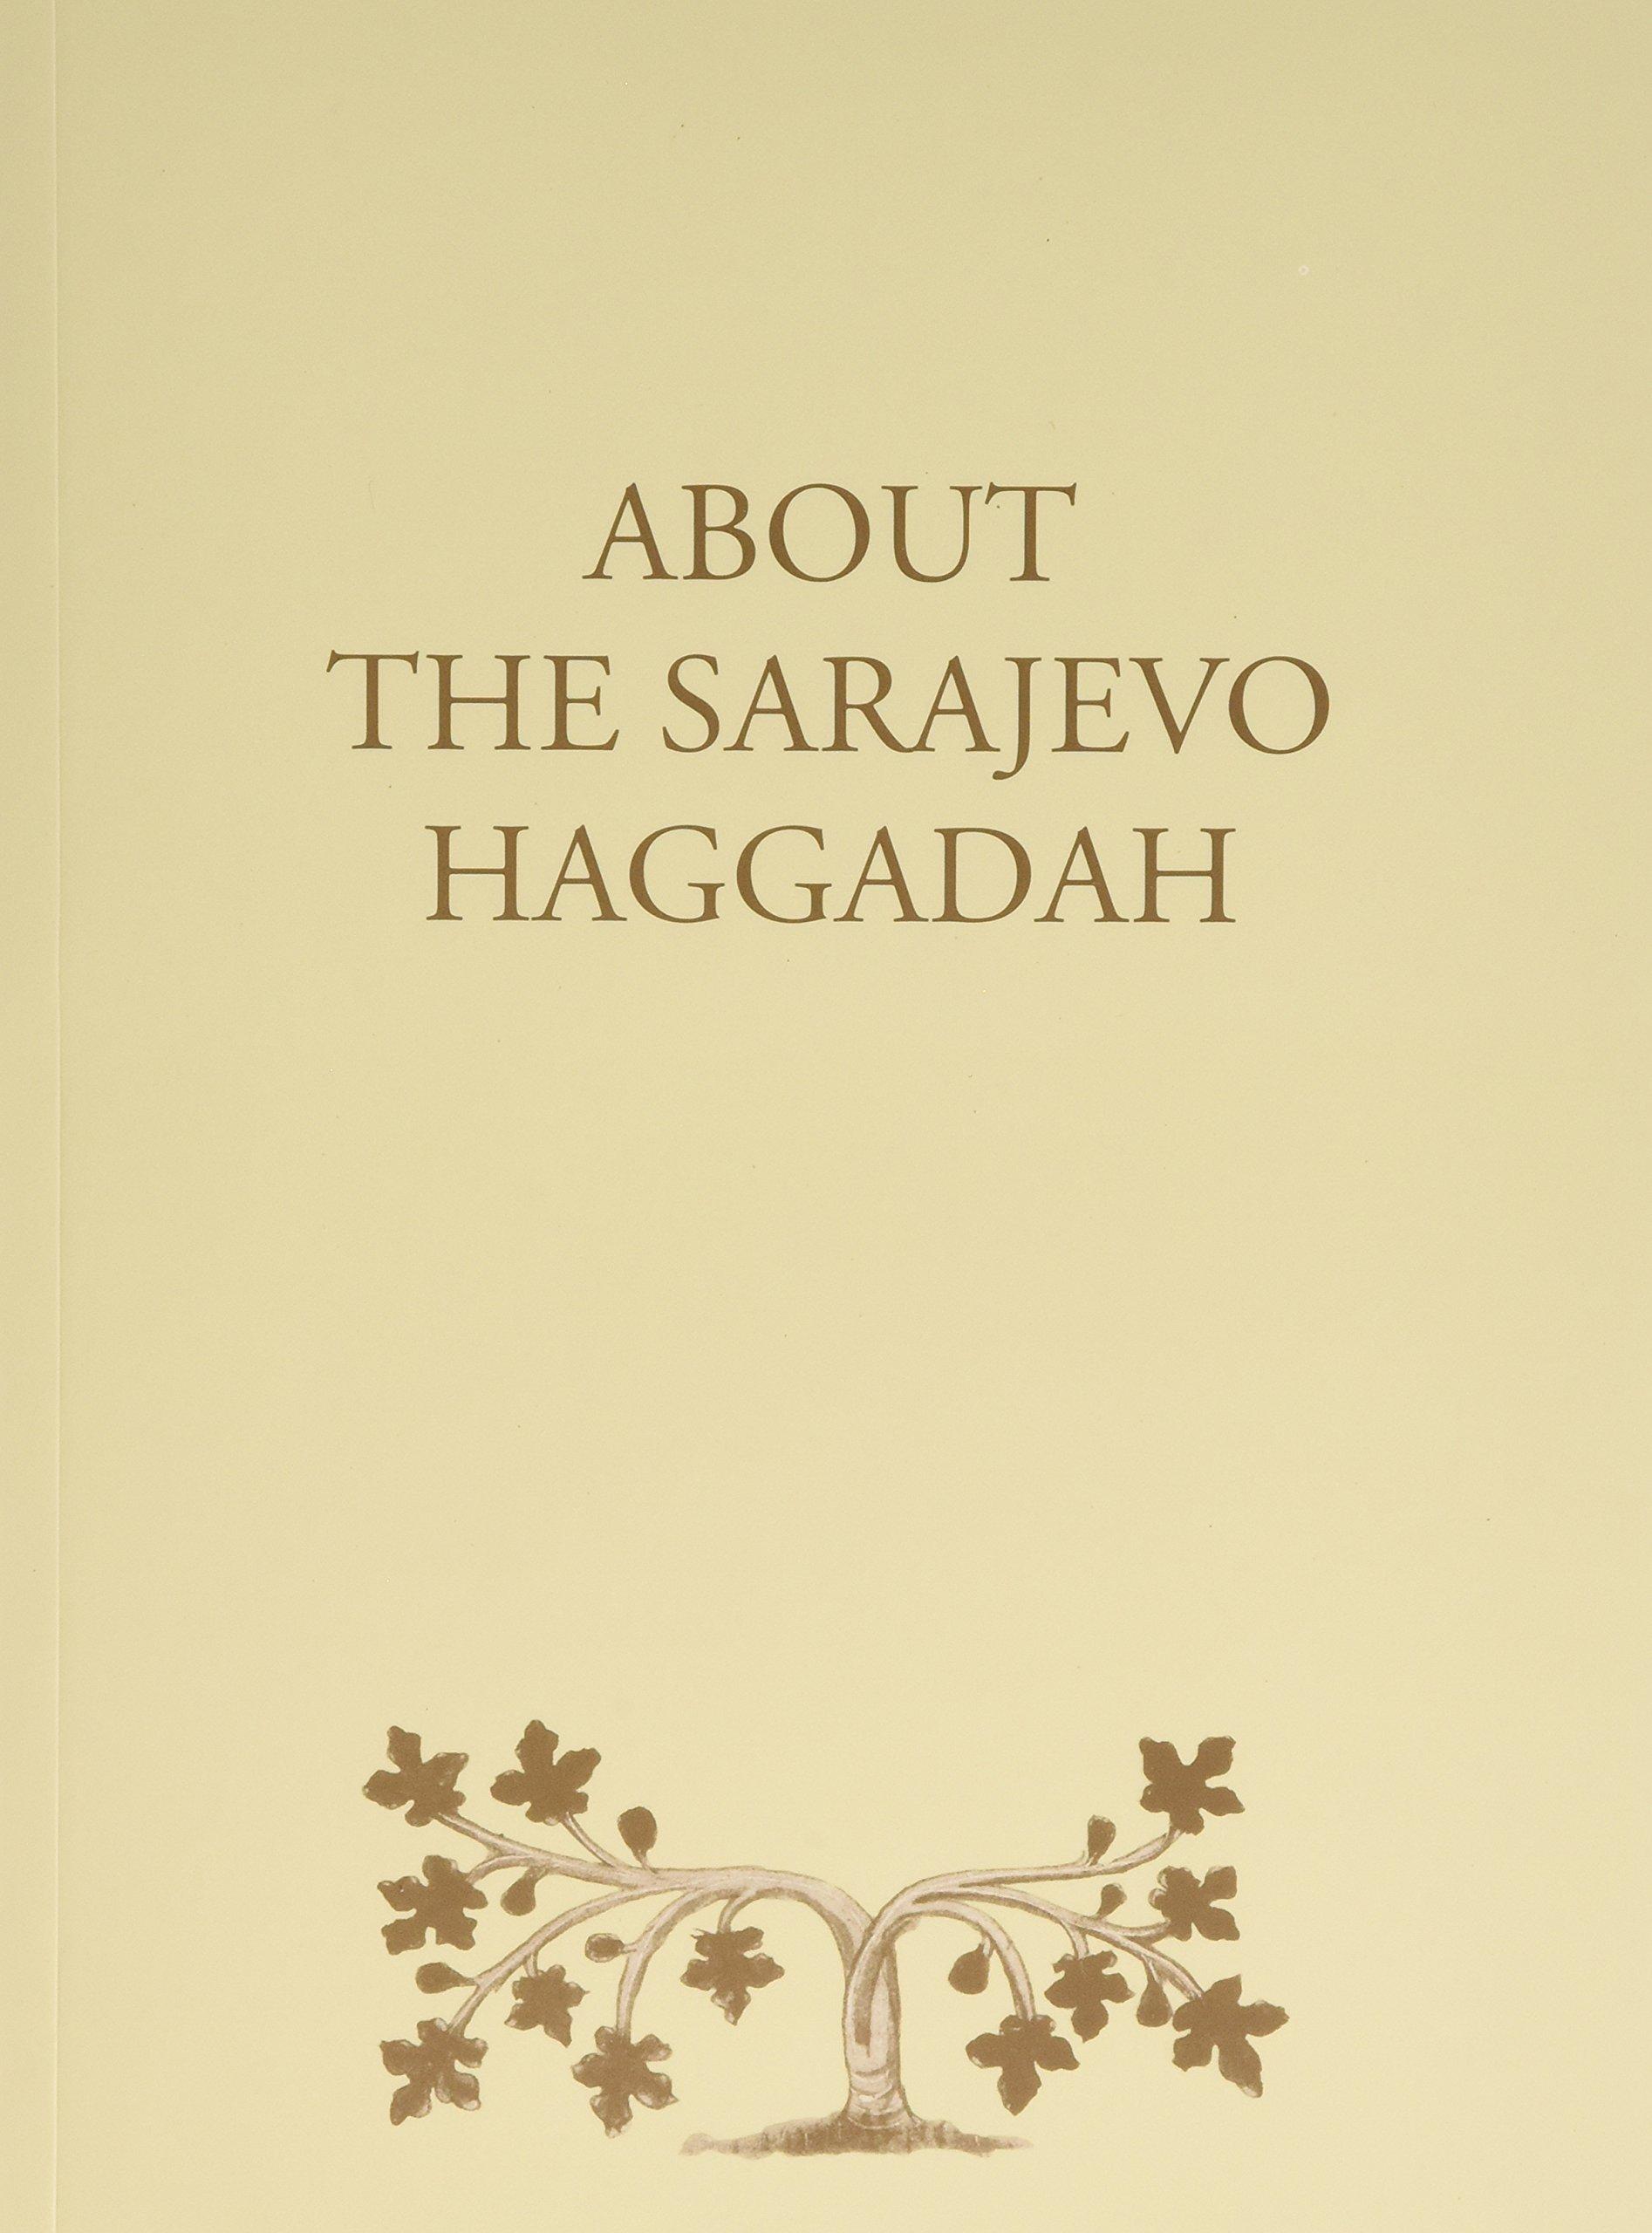 The Sarajevo Haggadah Geraldine Brooks 9781590201893 Amazoncom